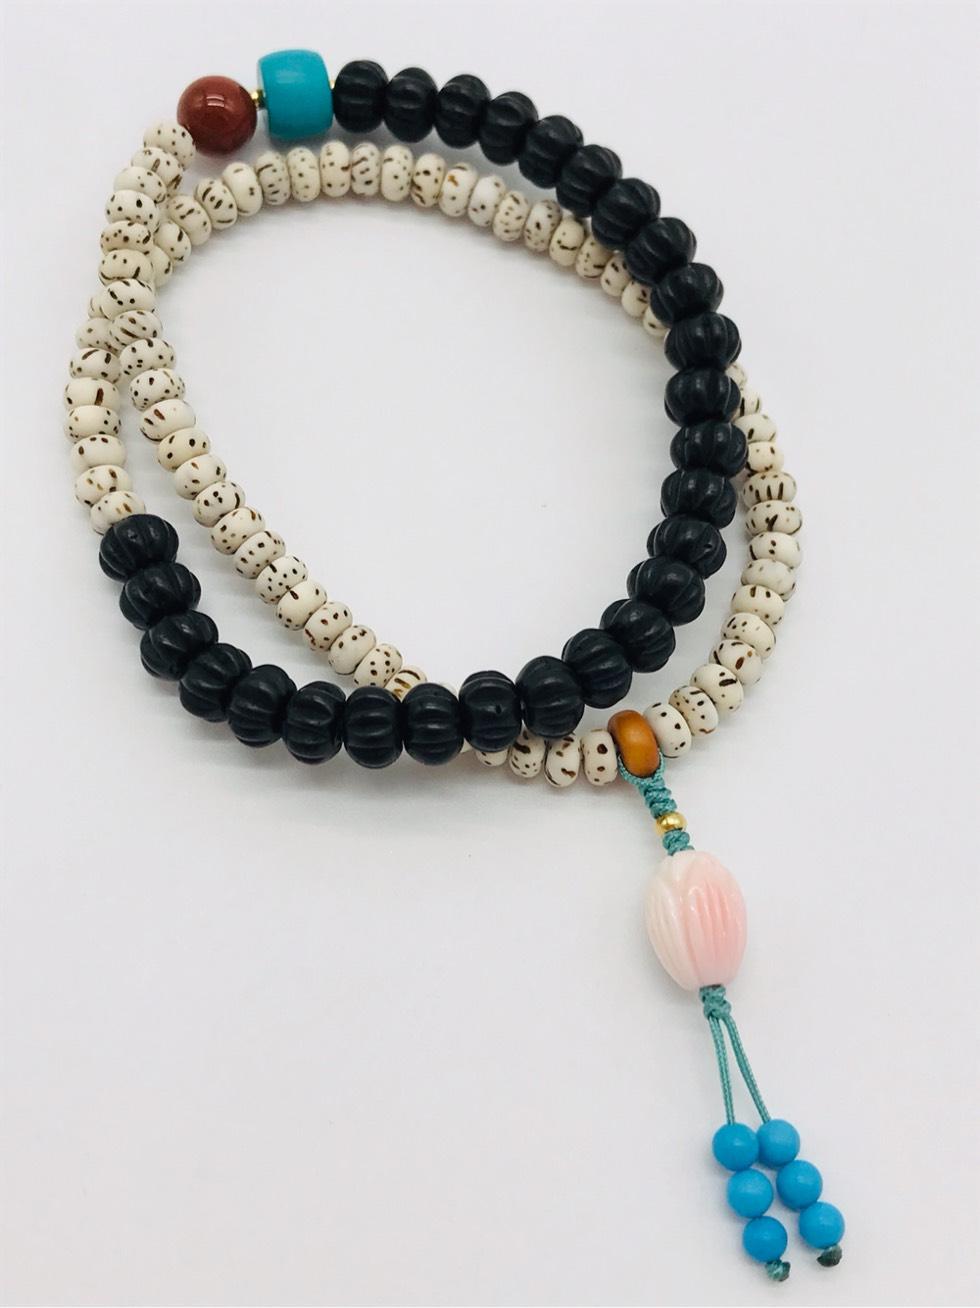 中国结论坛 【仿制品】两圈手链 手链,仿制品,制品 作品展示 200854zibz7mz10717dbbr